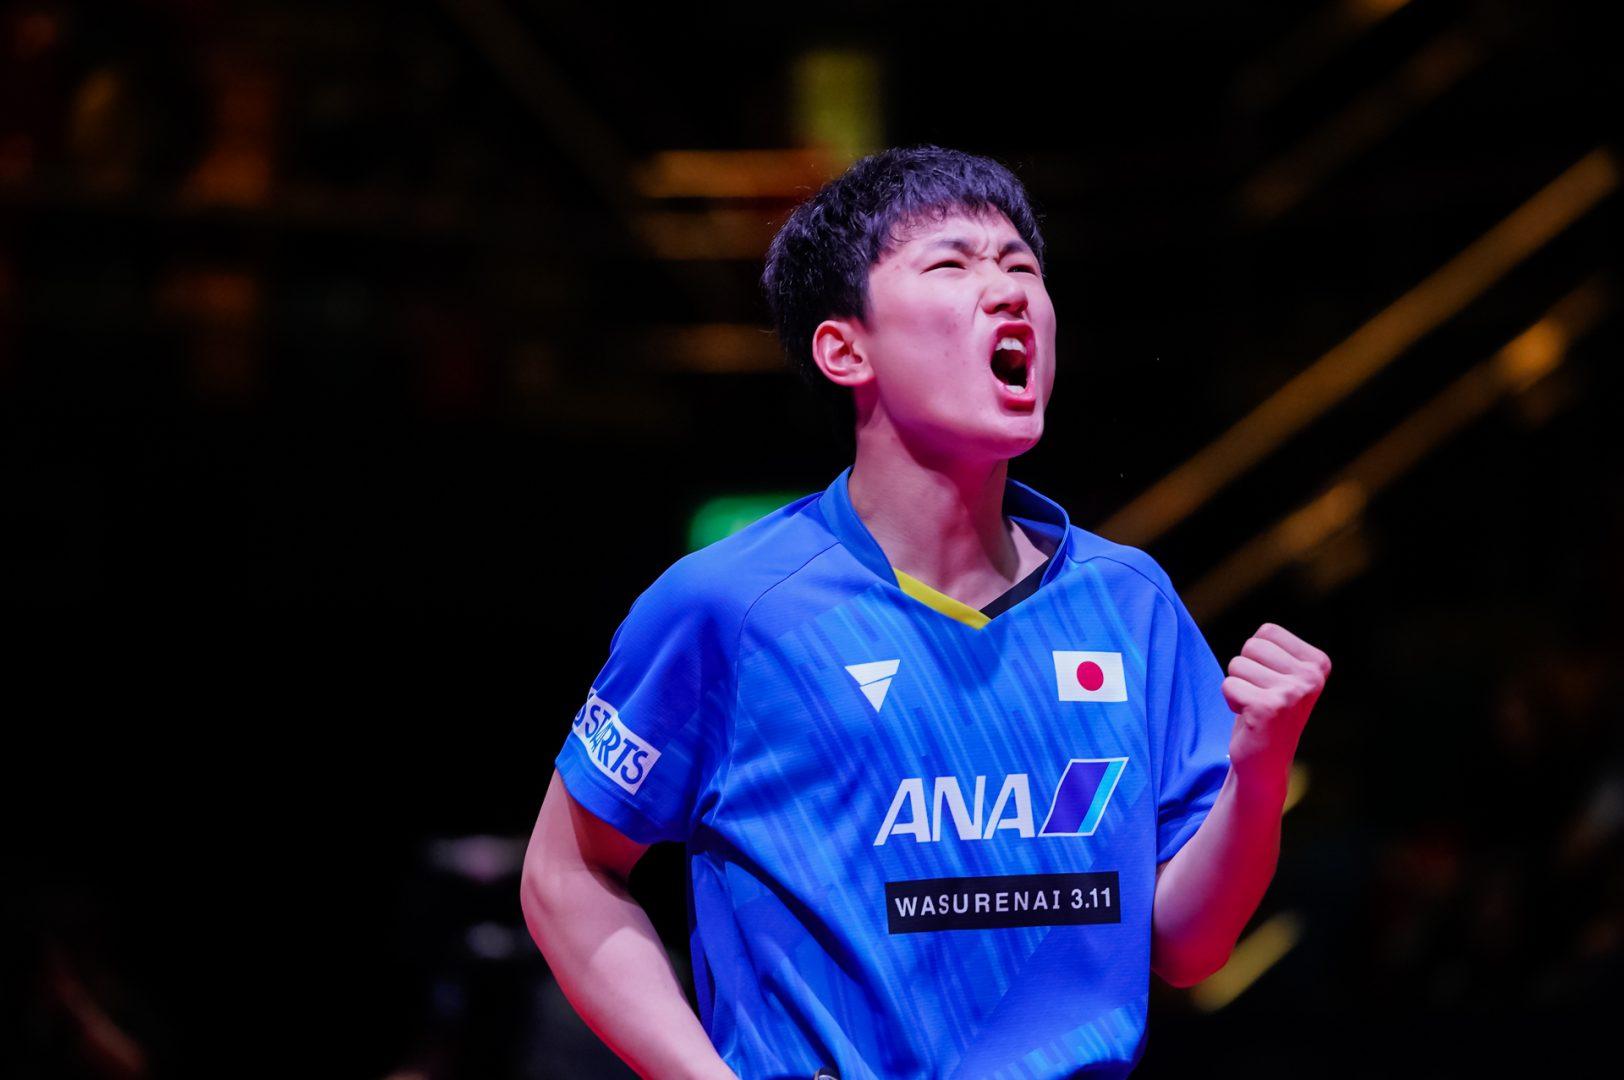 【2019年7月】今月の主要な卓球大会の予定と見どころ